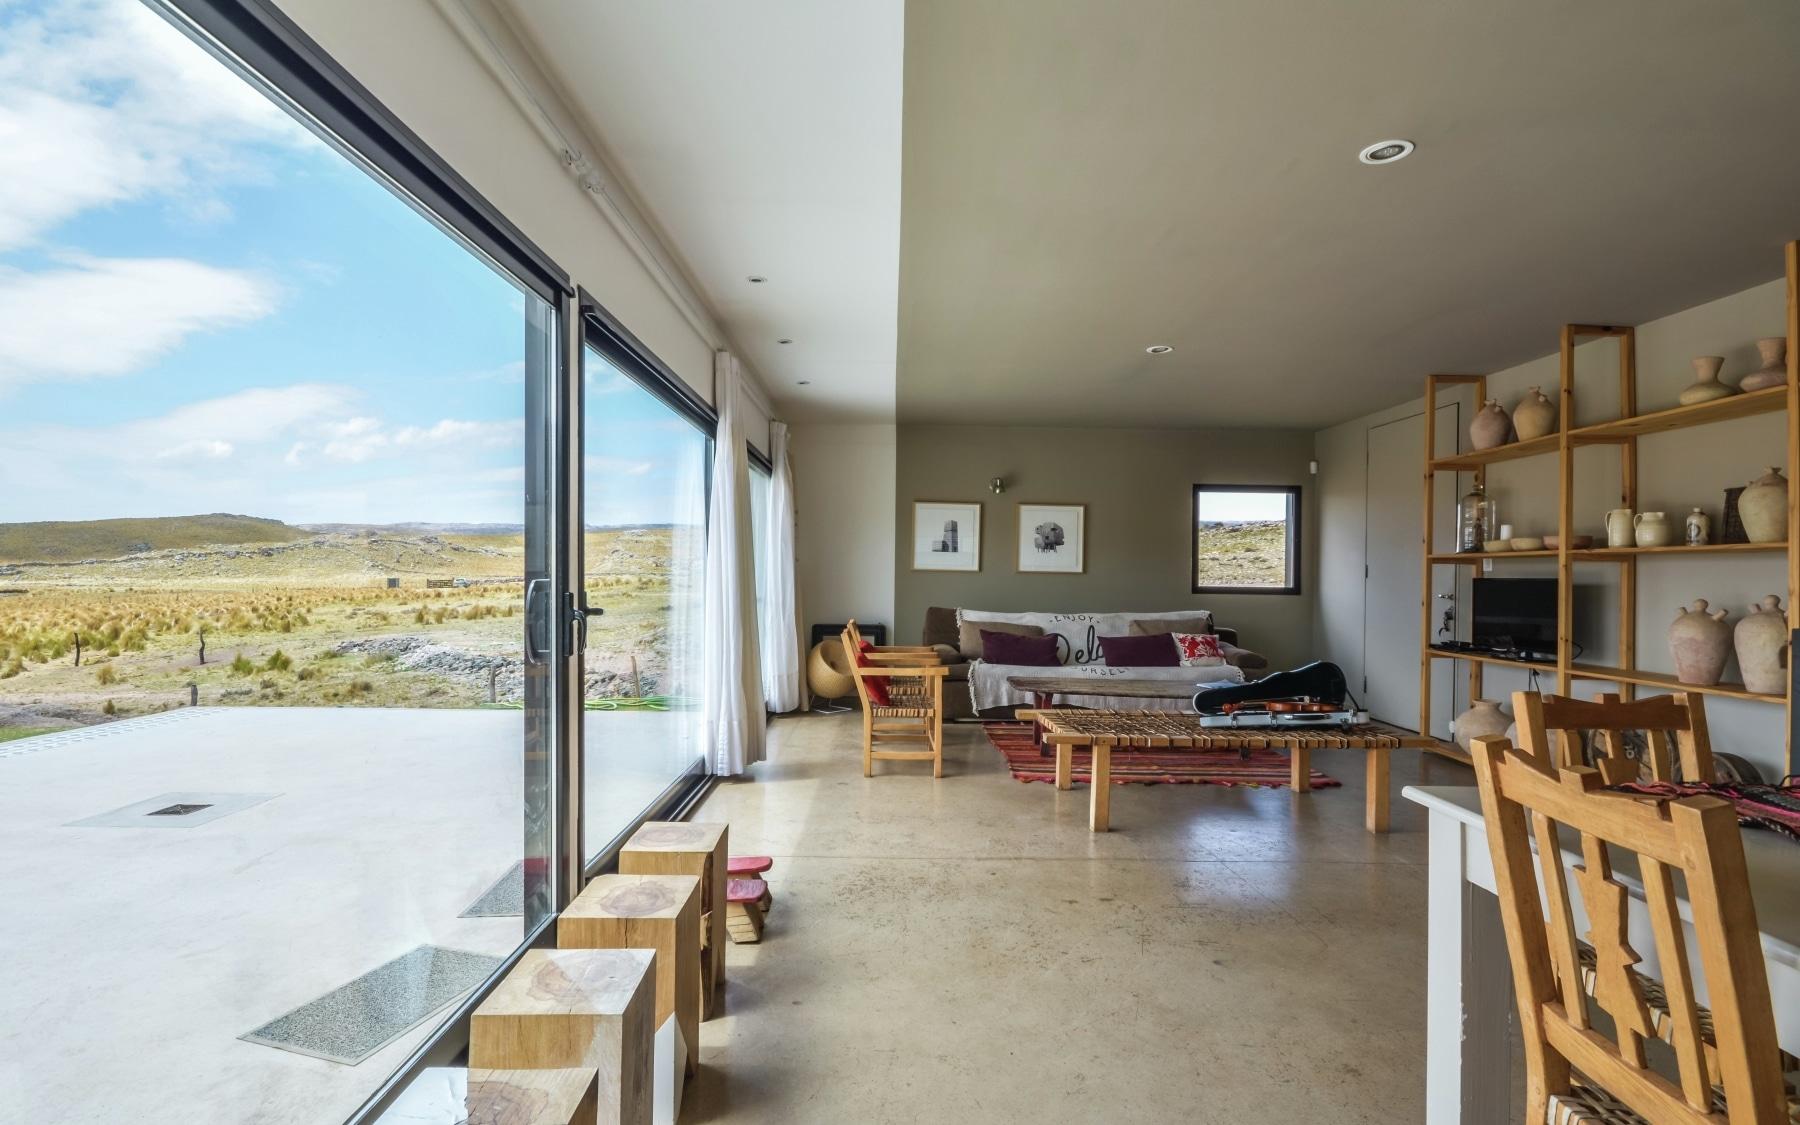 Dise o casa de campo tres dormitorios construye hogar - Disenos de casas rurales ...